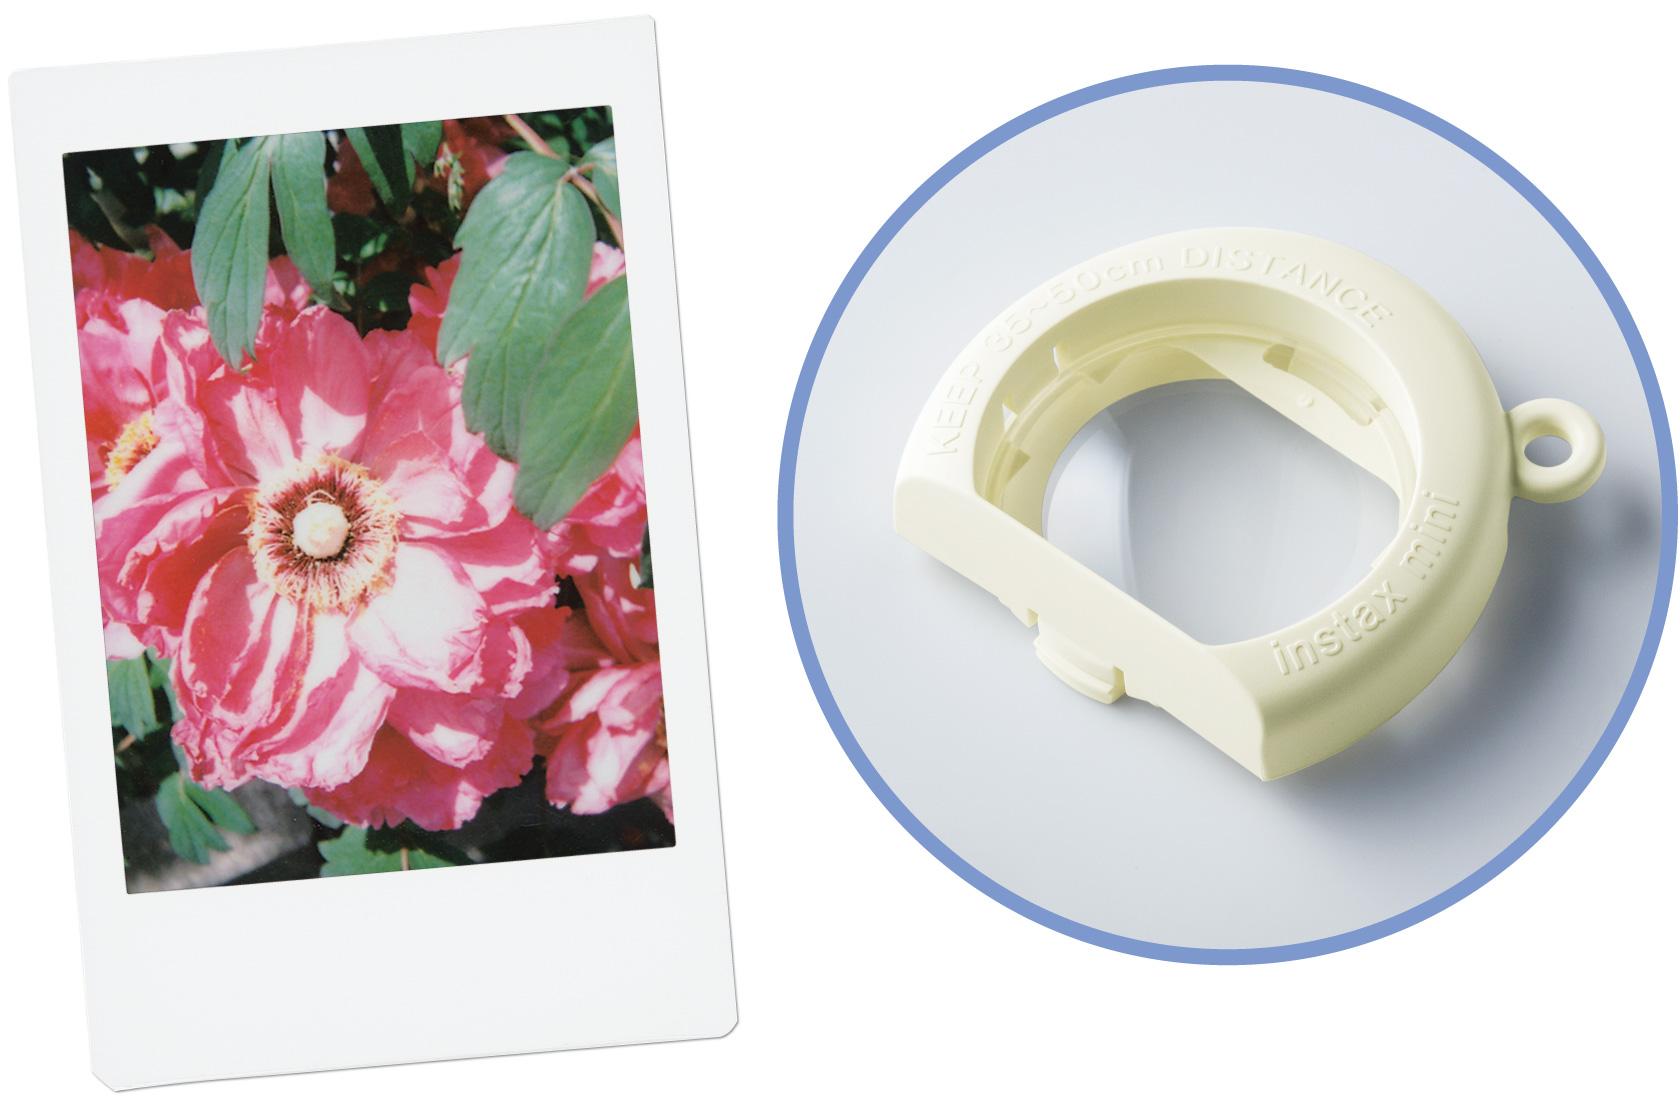 [photo] 인스탁스 미니9의 렌즈 부착품과 이를 사용해 촬영한 클로즈업 사진